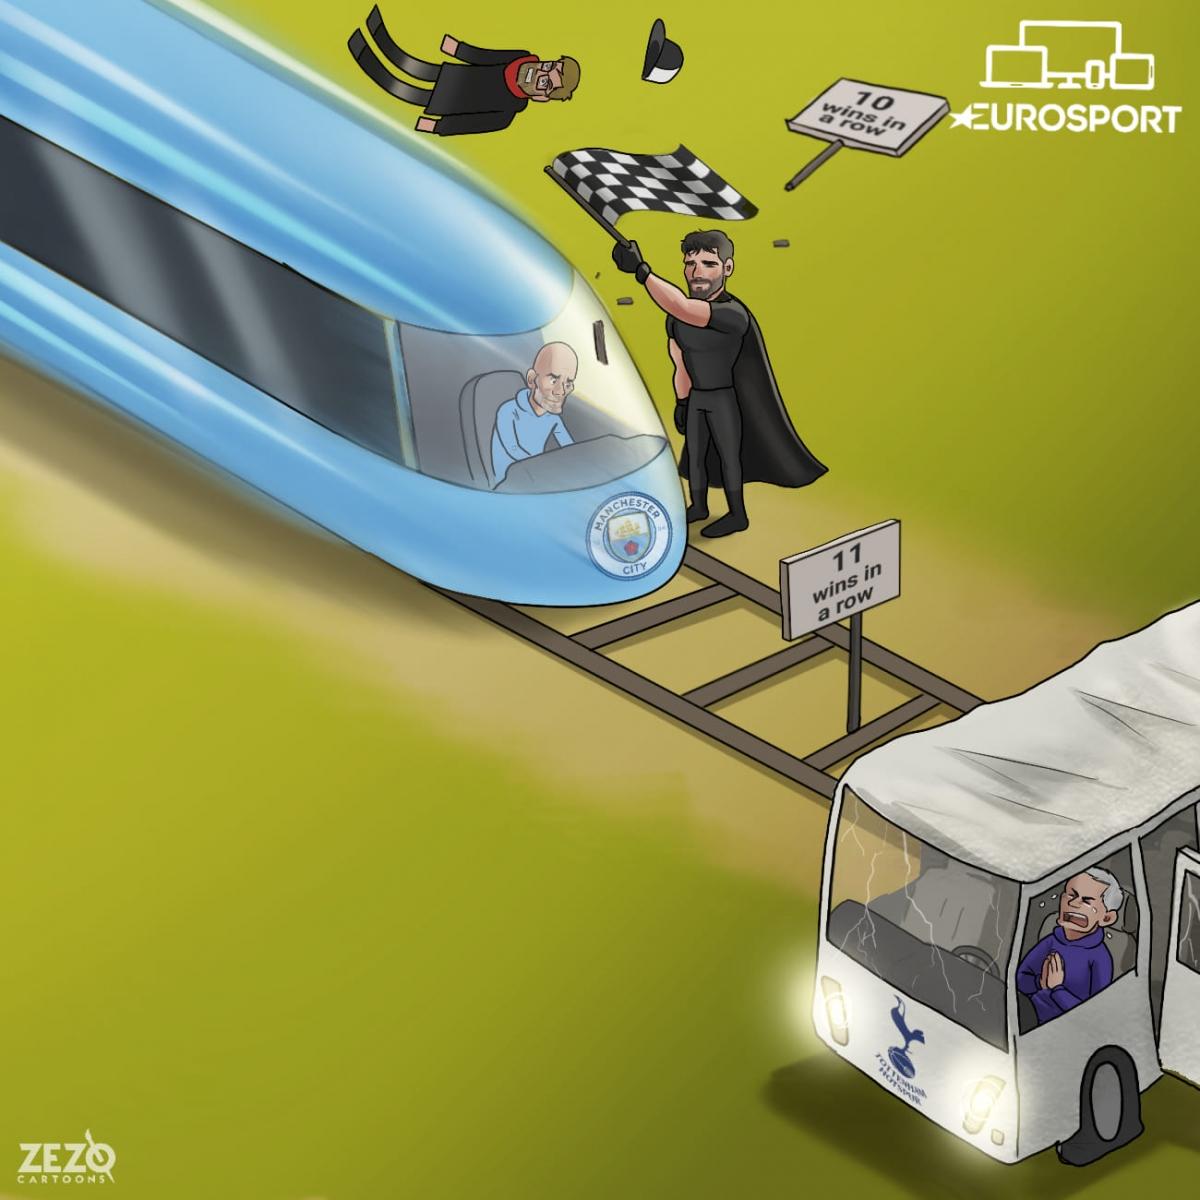 Man City chuẩn bị đối mặt thách thức từ Tottenham để duy trì mạch thắng lên con số 11. (Ảnh: Zezo Cartoons).